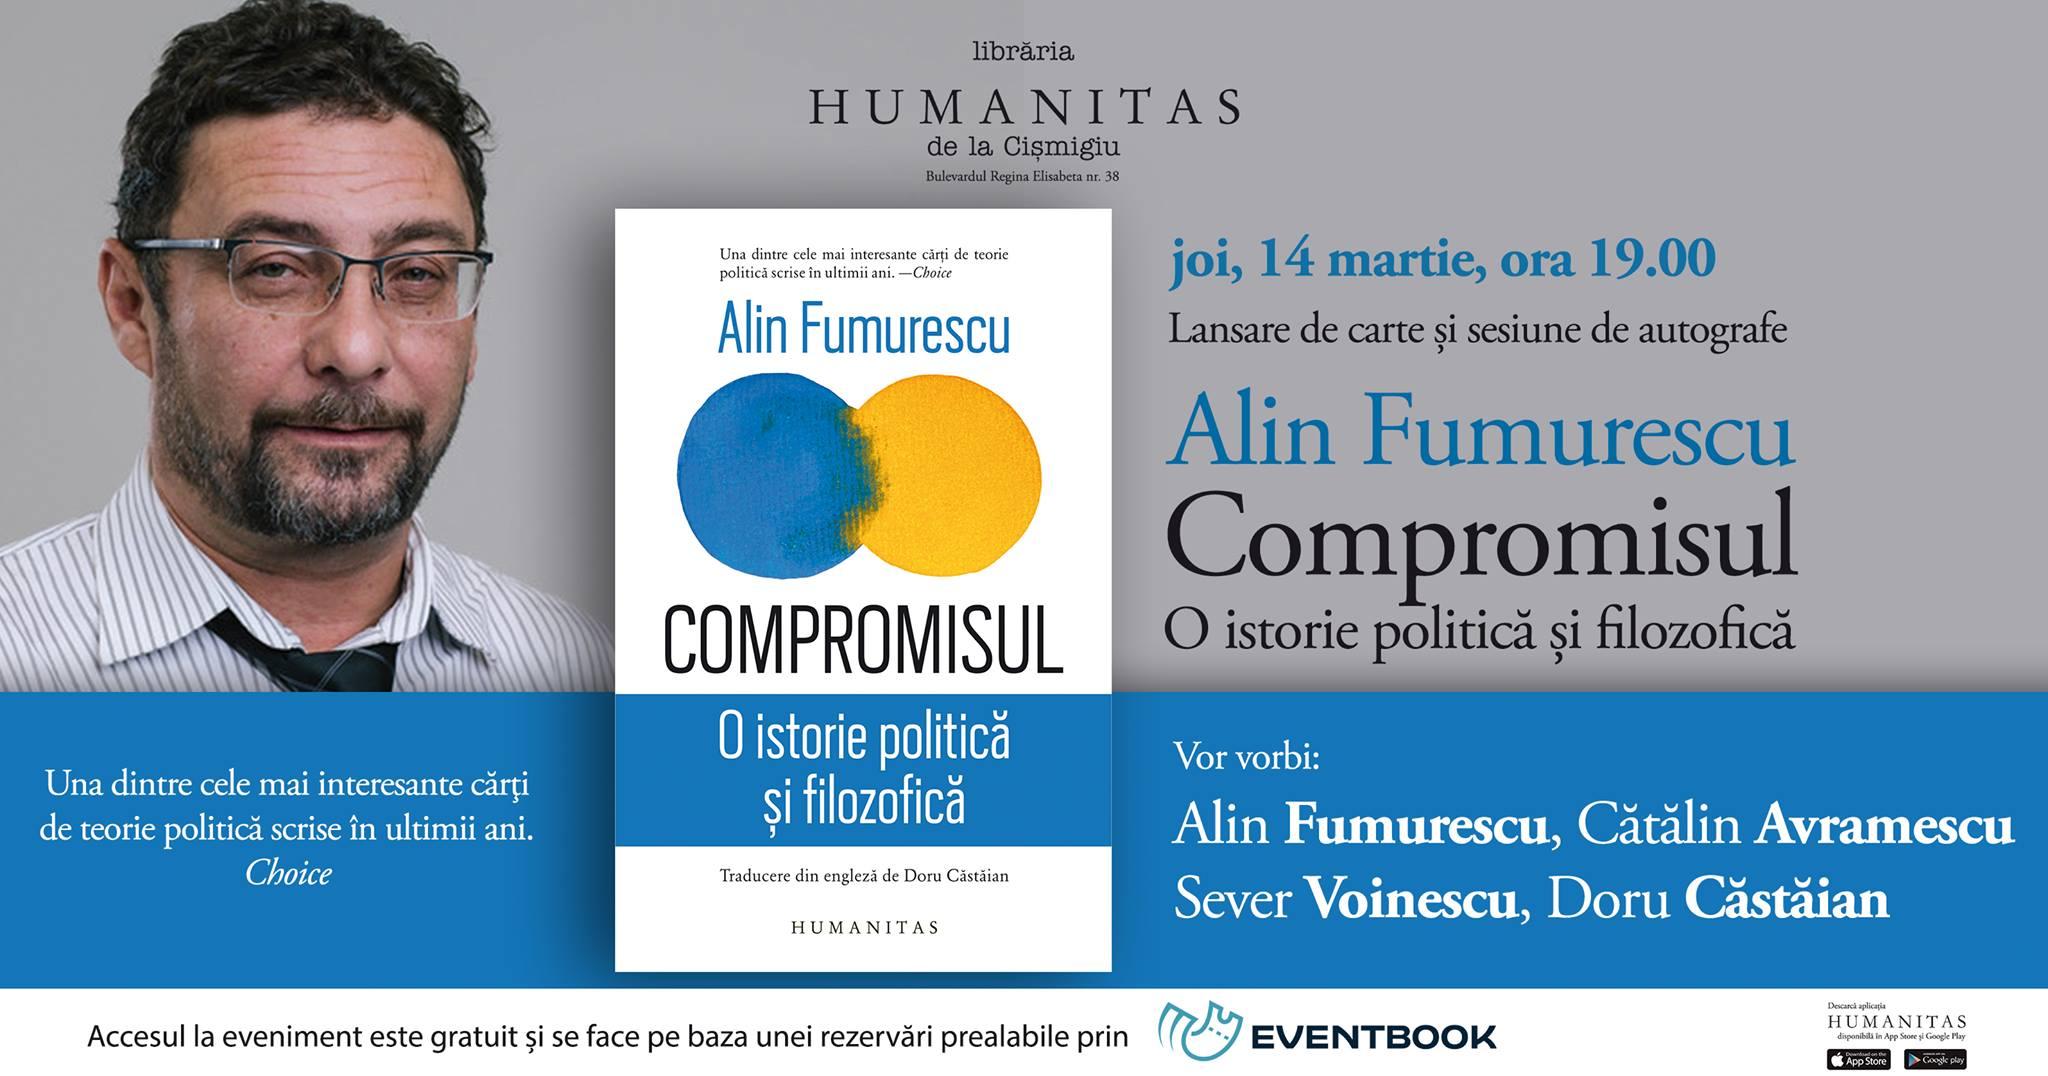 """""""Compromisul"""" în dezbatere, cu Alin Fumurescu și invitații săi"""